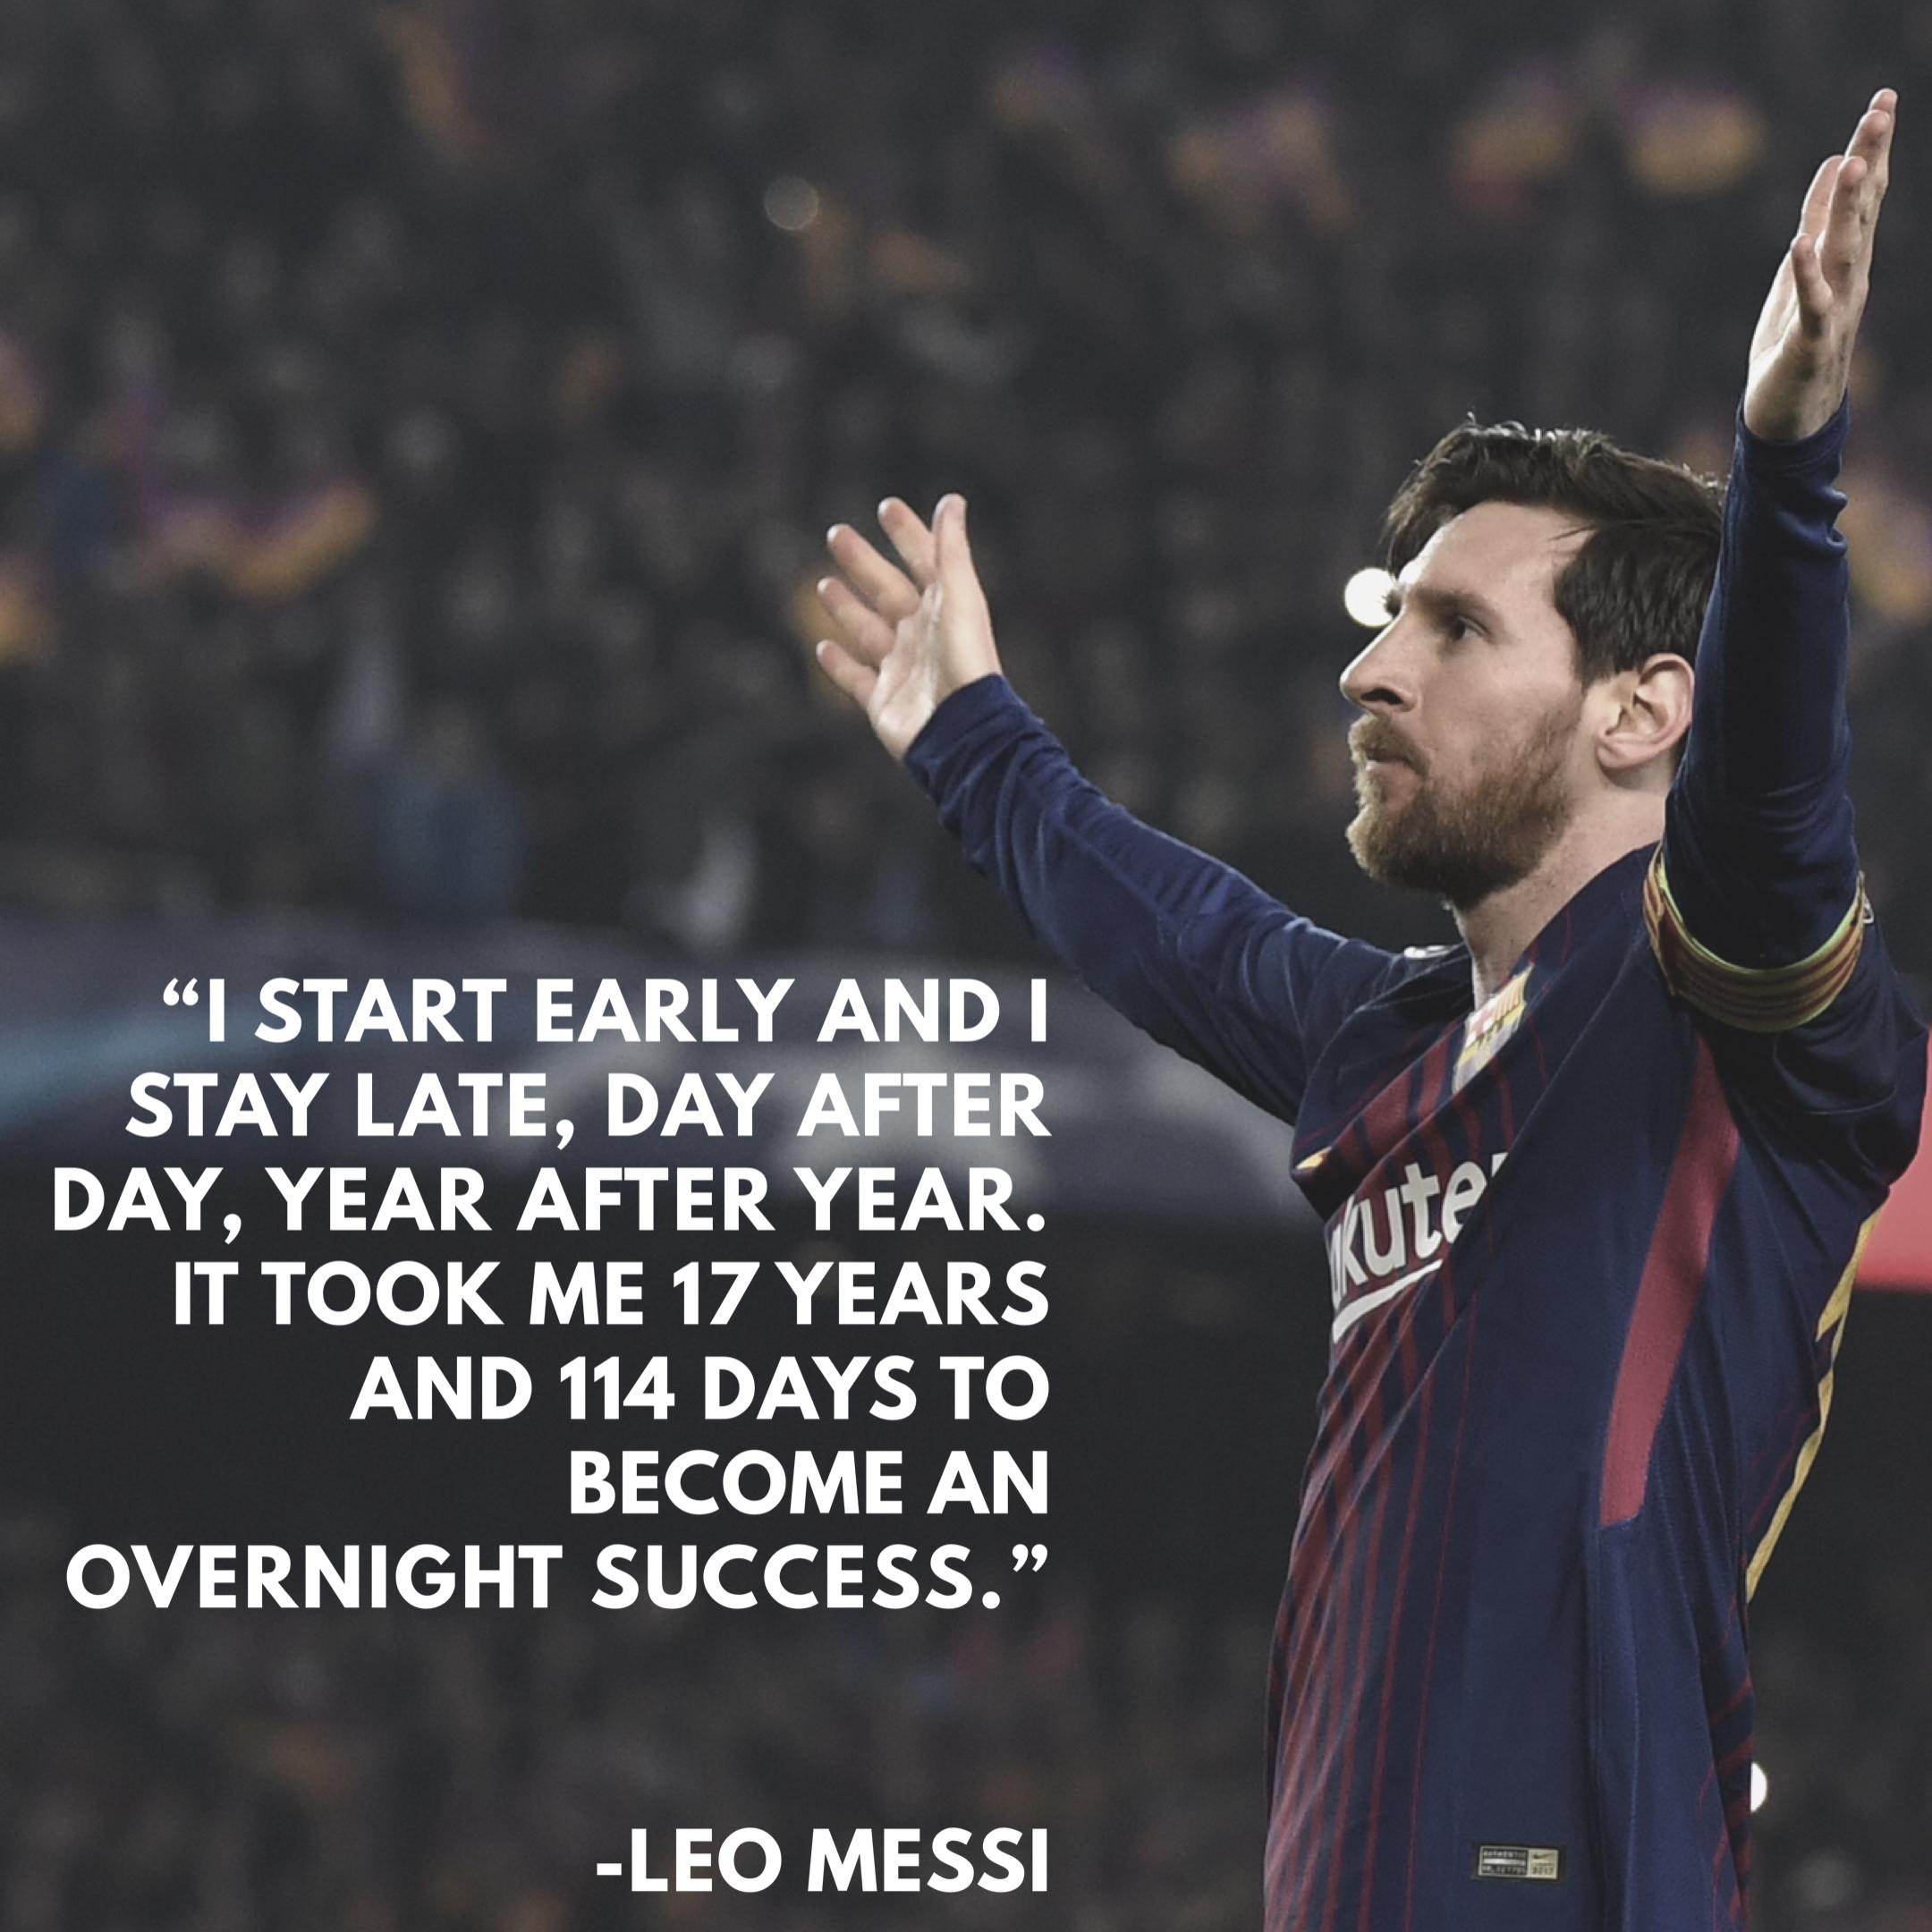 Leo Messi Quote in 2020 | Messi quotes, Lionel messi ...